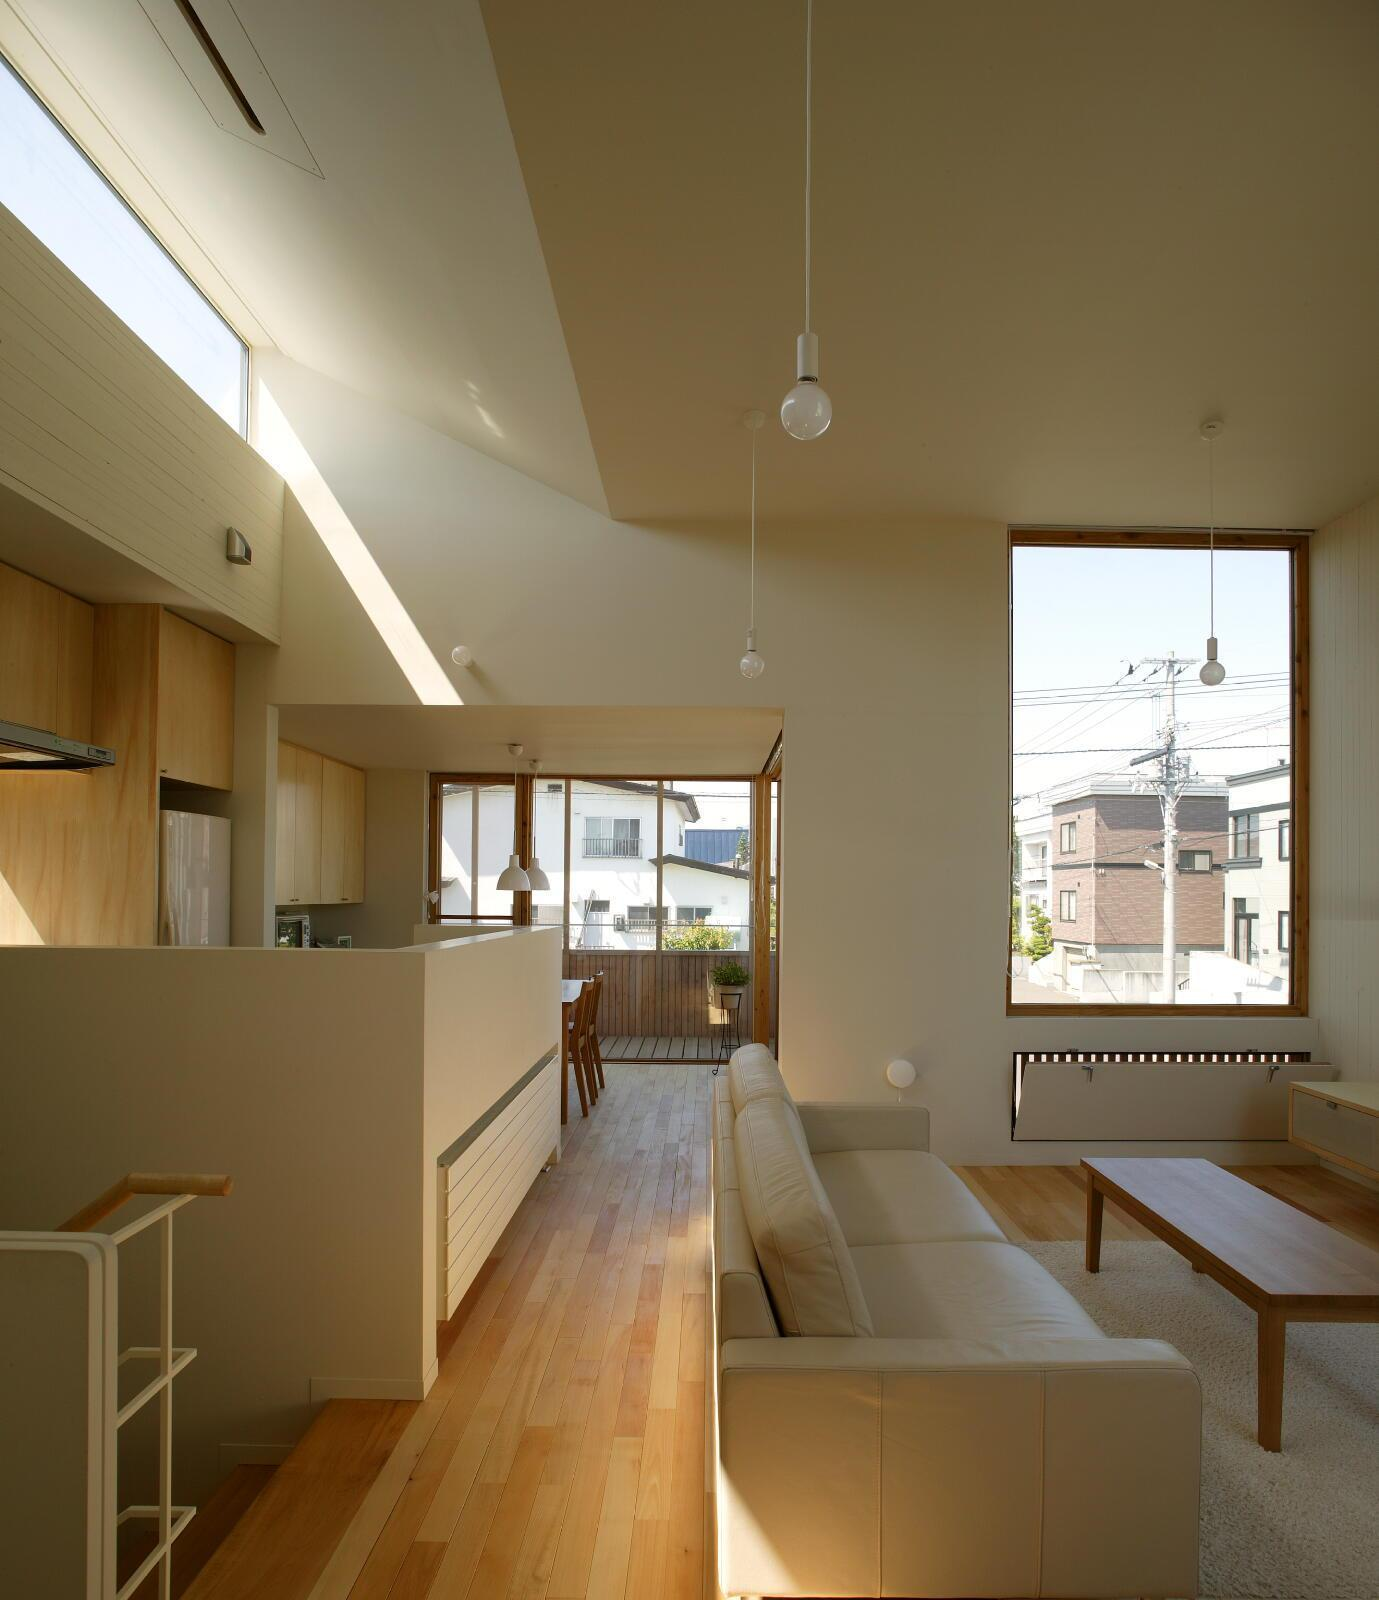 Идеи зонирования конструкциями в доме